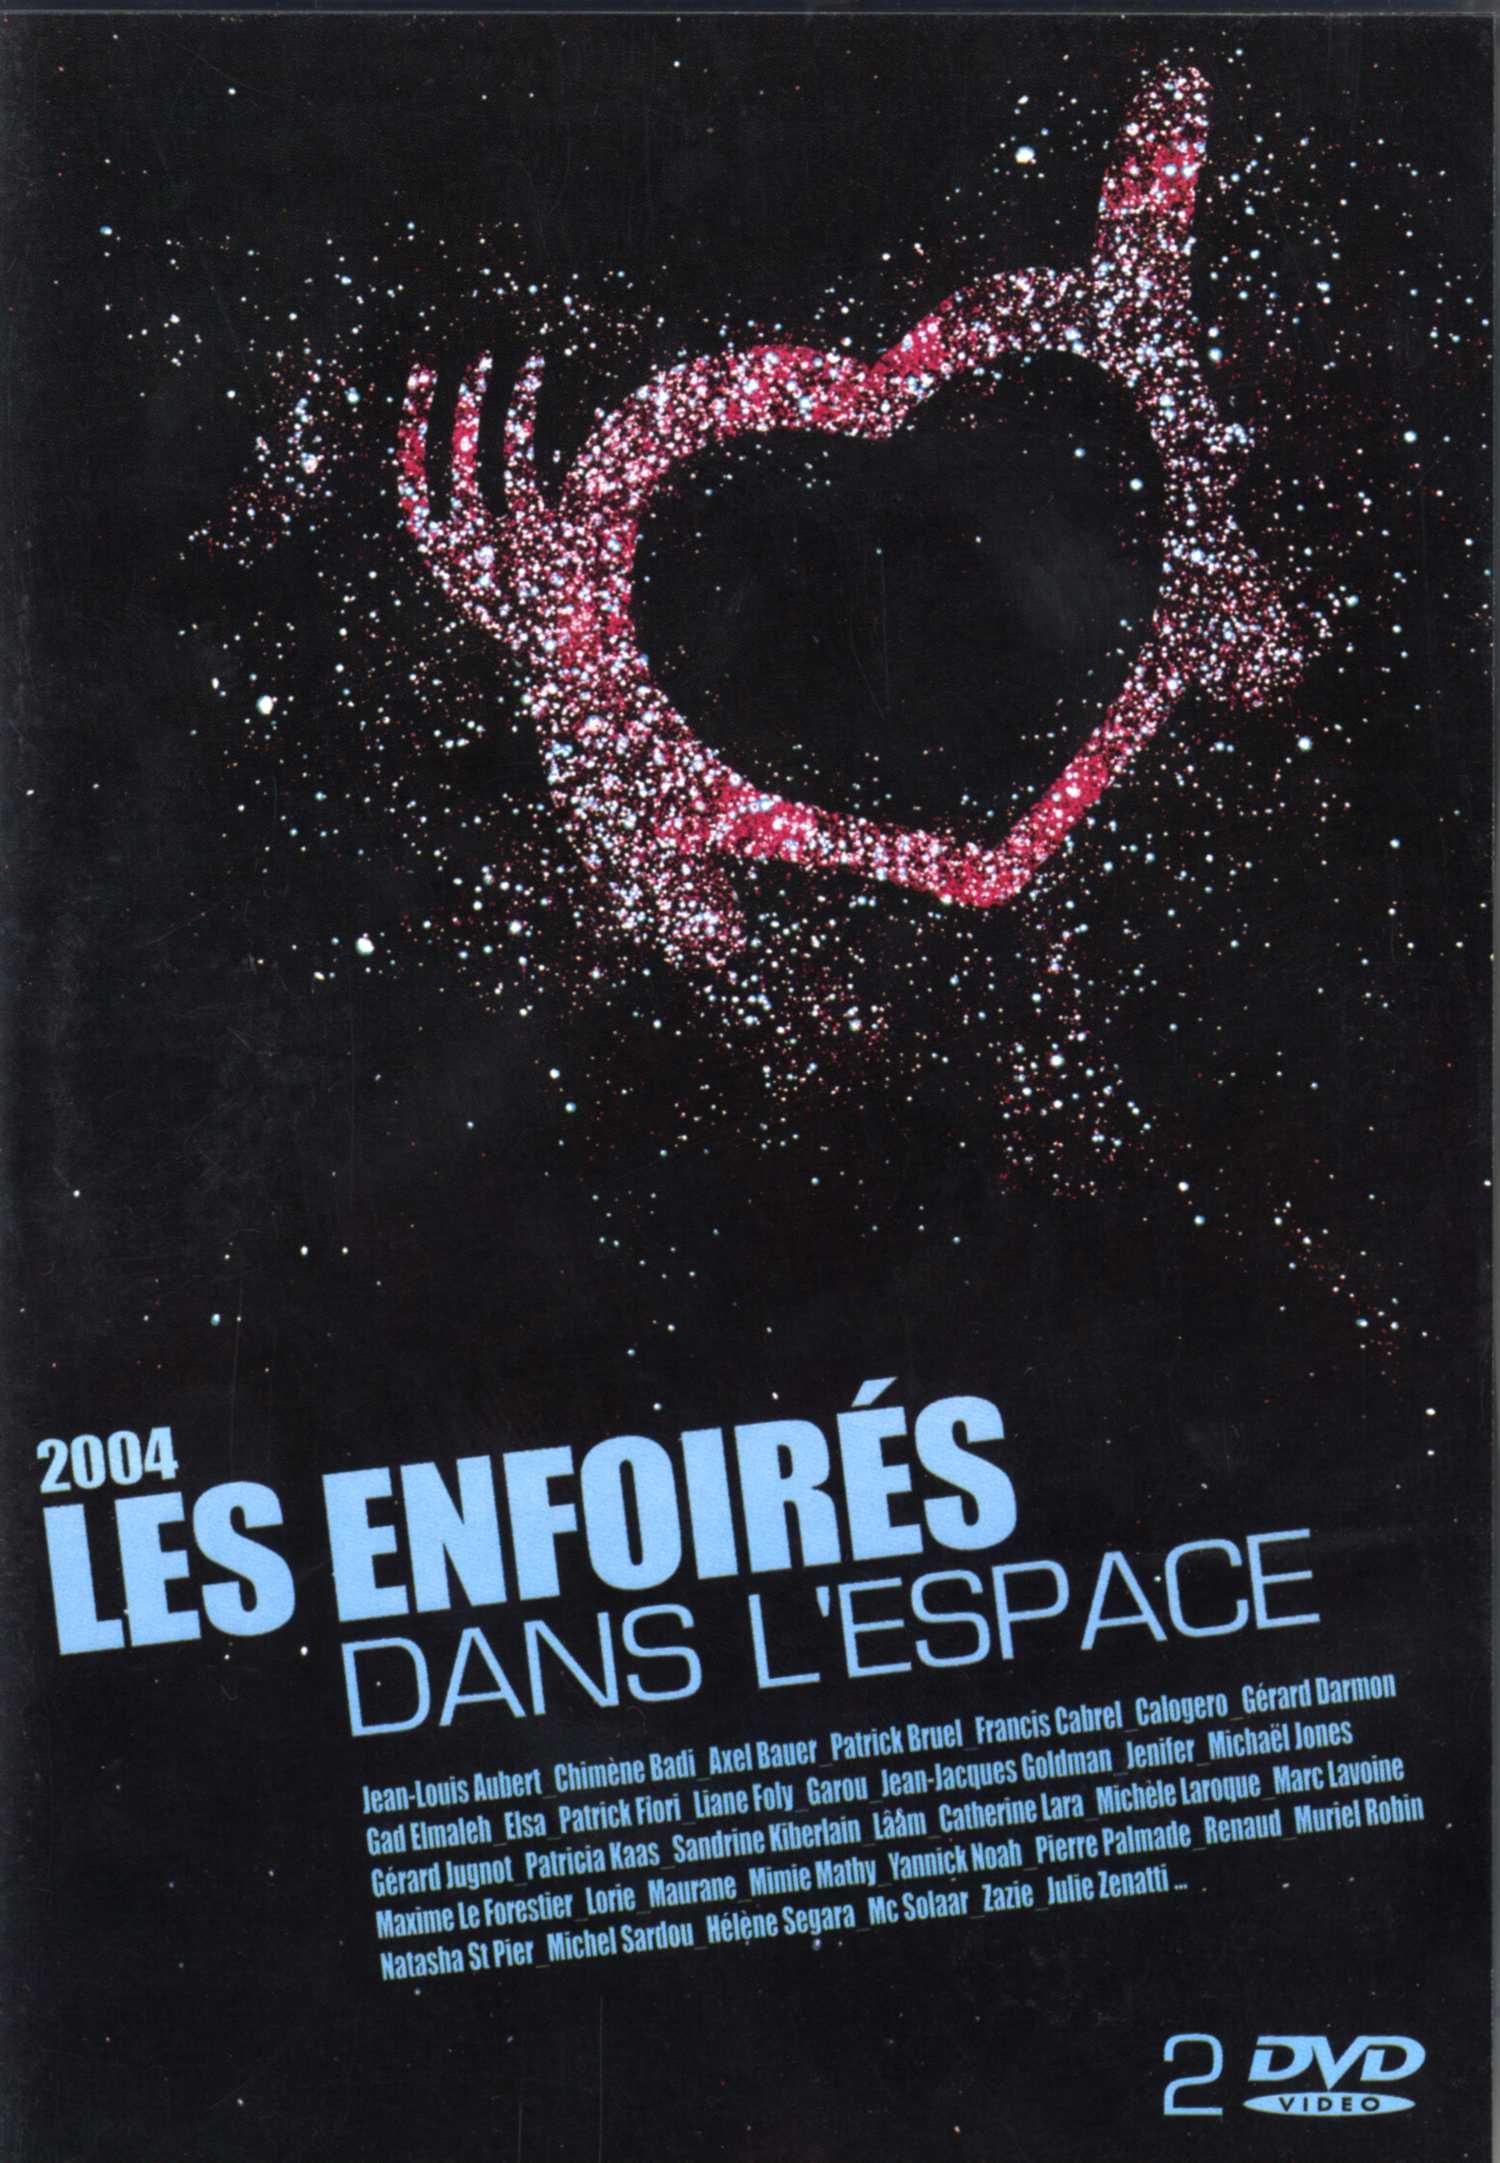 affiche du film Les Enfoirés 2004 ... Les Enfoirés dans l'espace